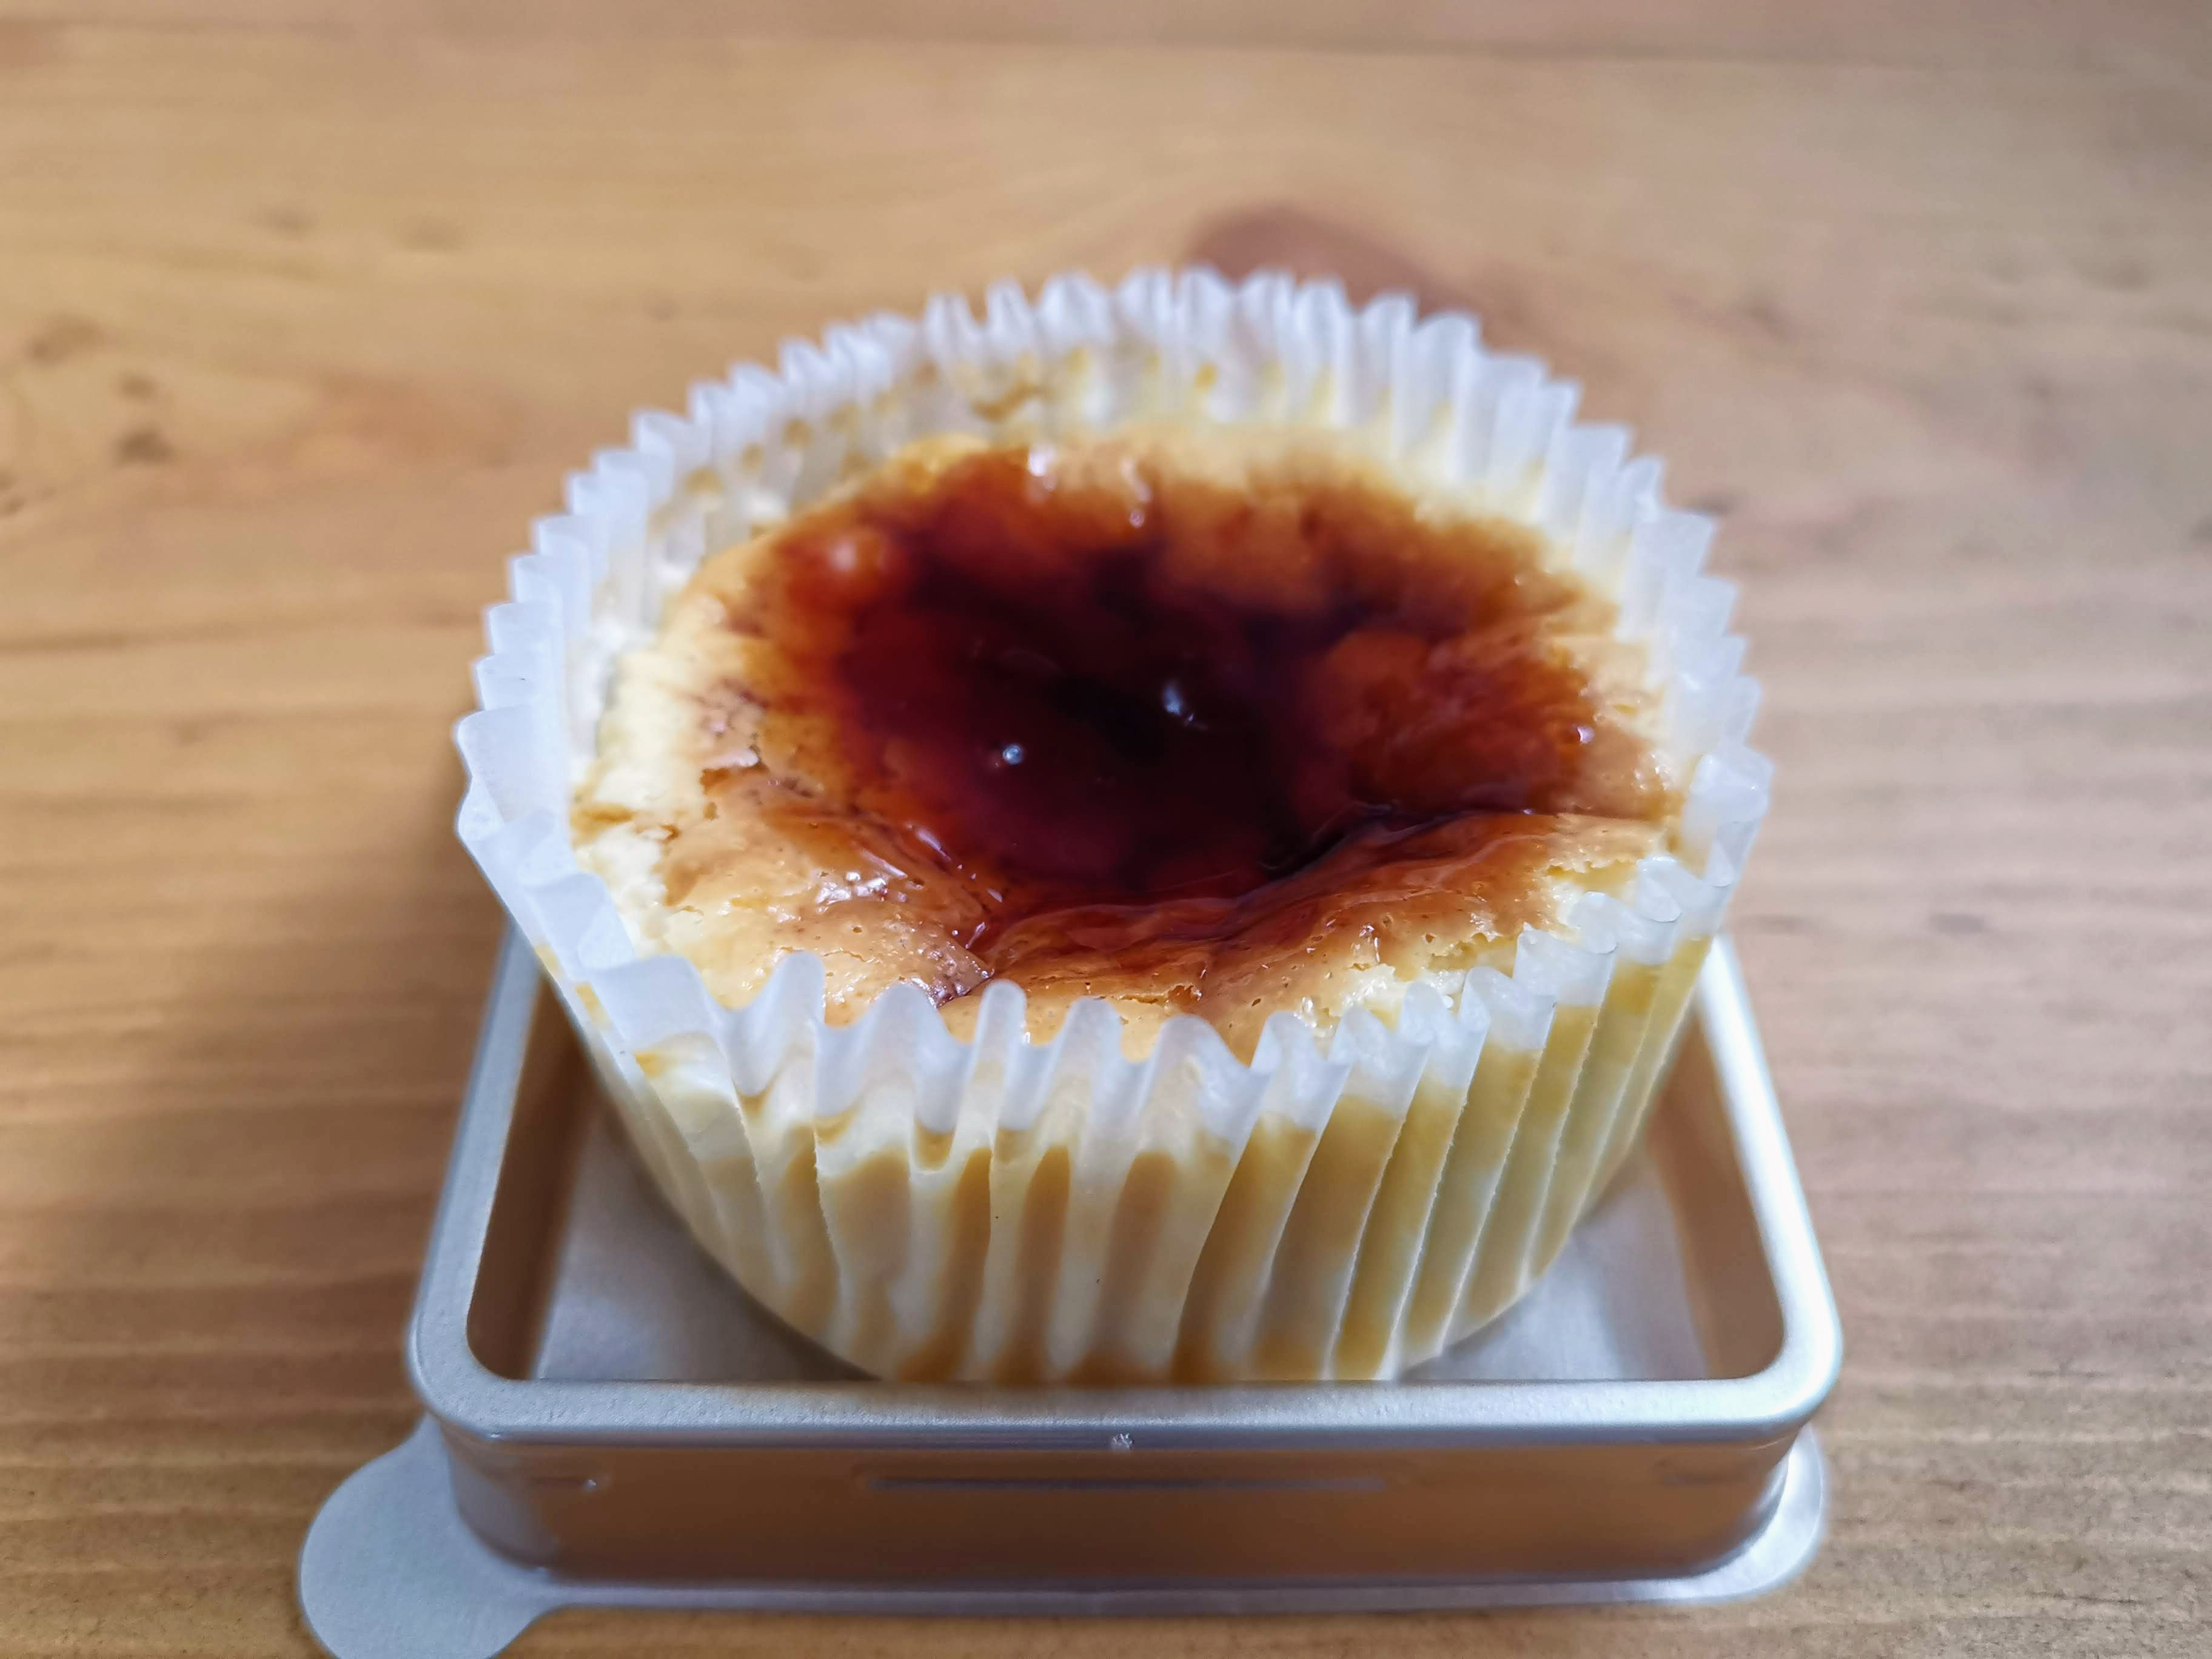 ドンレミー 大人のバスクチーズケーキ (7)